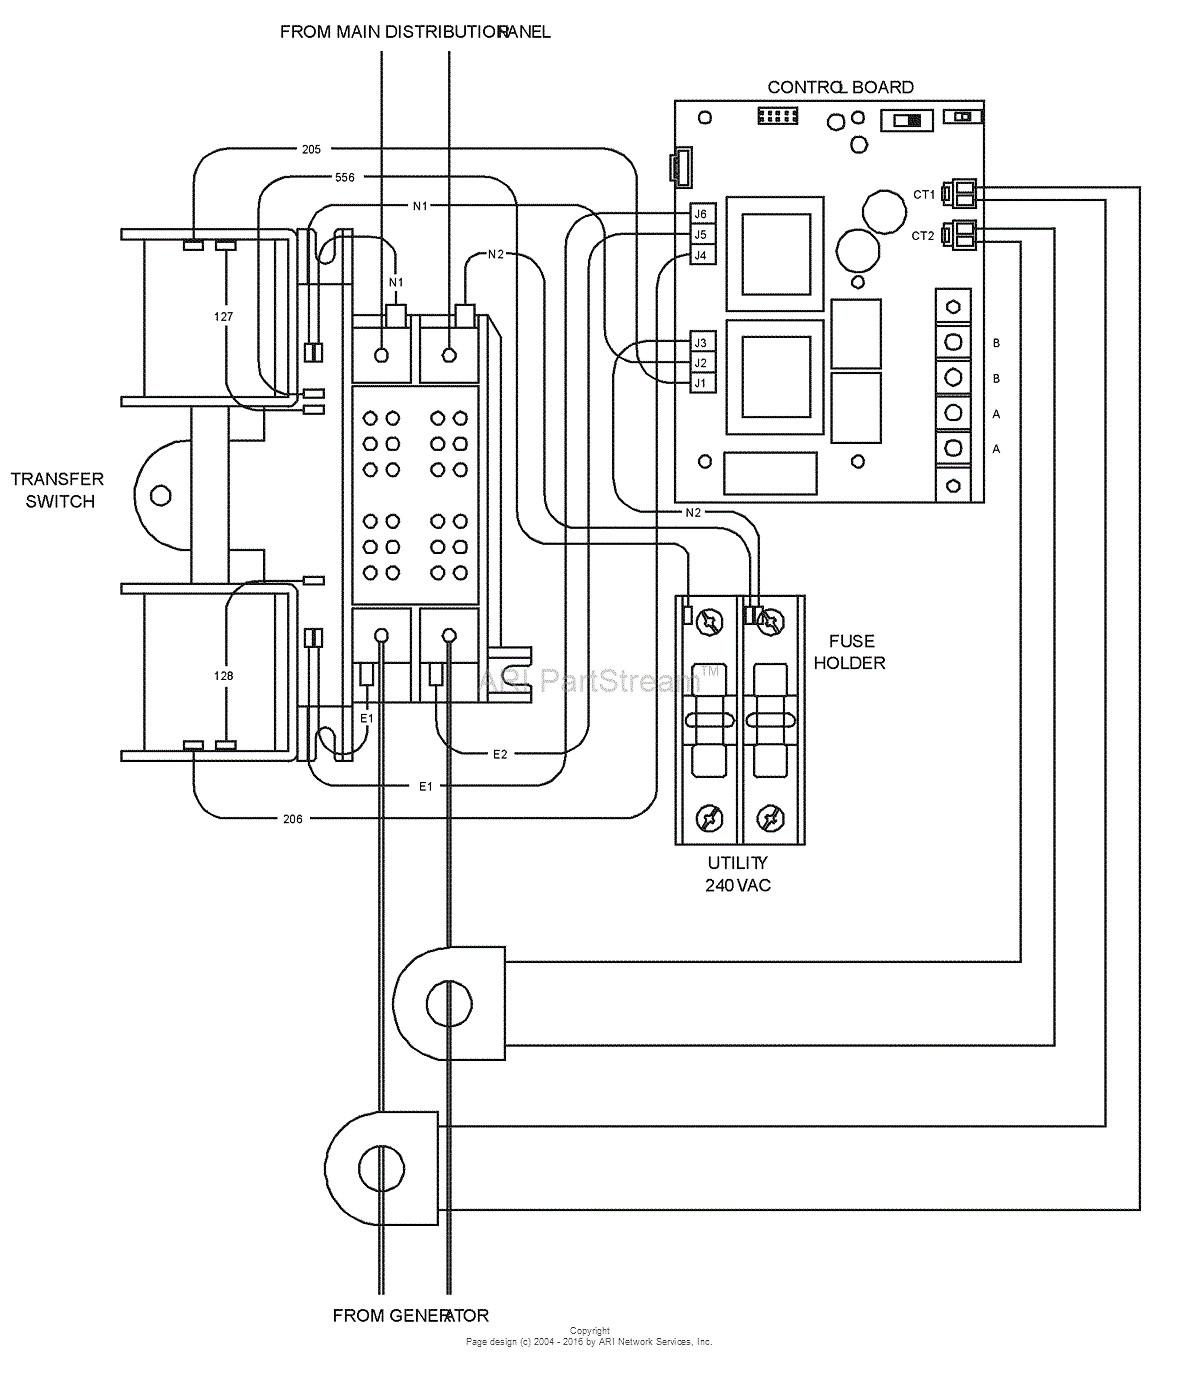 generac generator transfer switch wiring diagram sample wiring